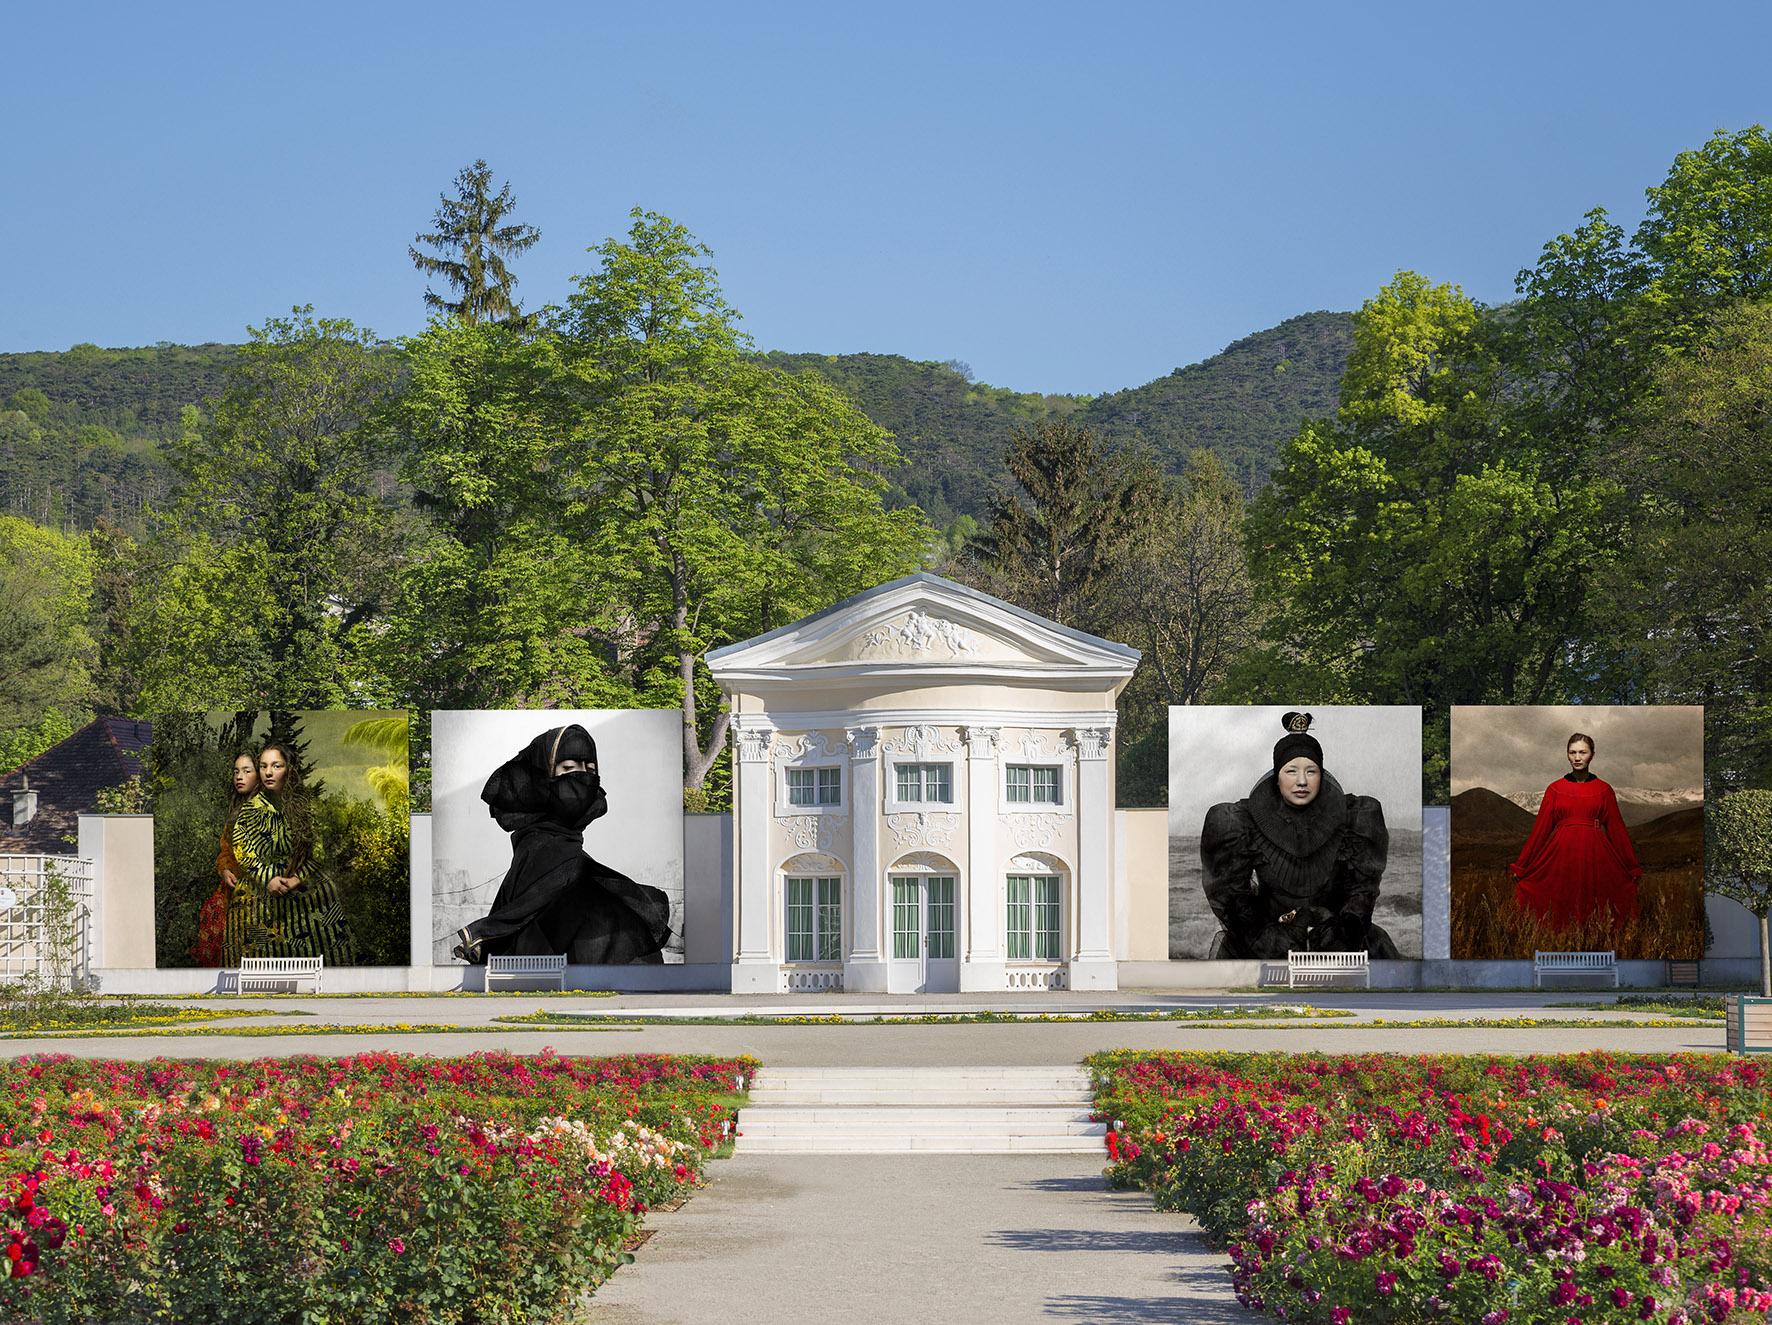 Wie im Vorjahr wird auch die Orangerie im Doblhoffpark wieder als Freiluftkulisse des Festival LaGacilly-Baden Photo dienen.